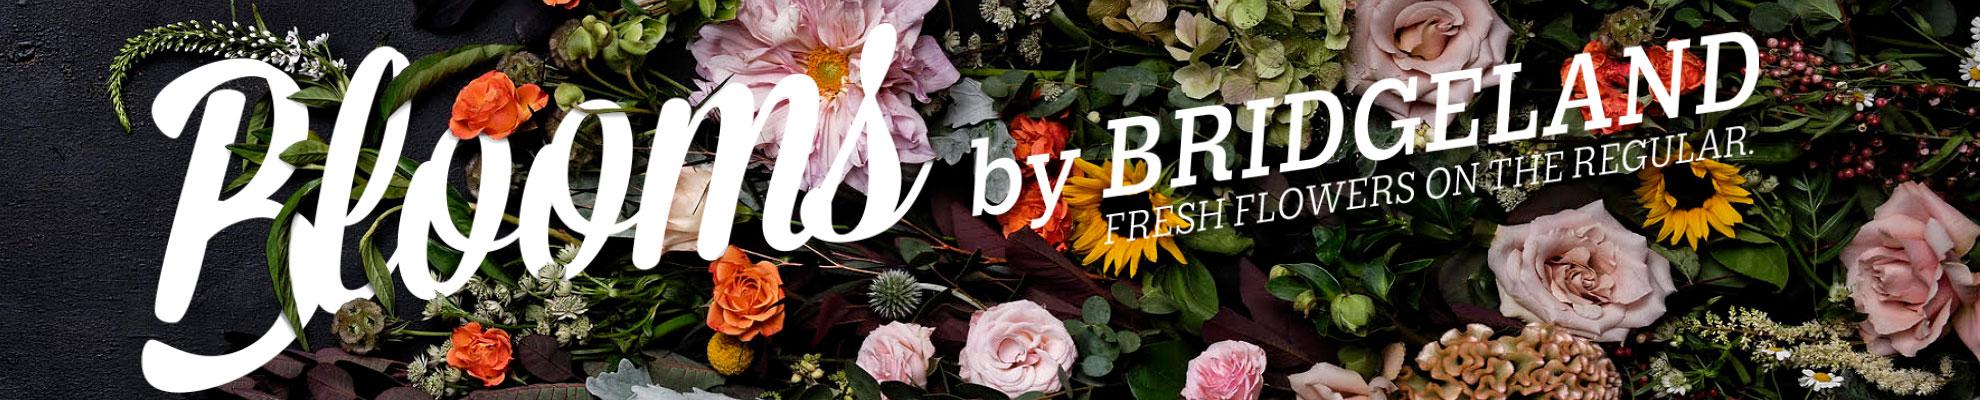 Order flowers online at Bridgeland Market!